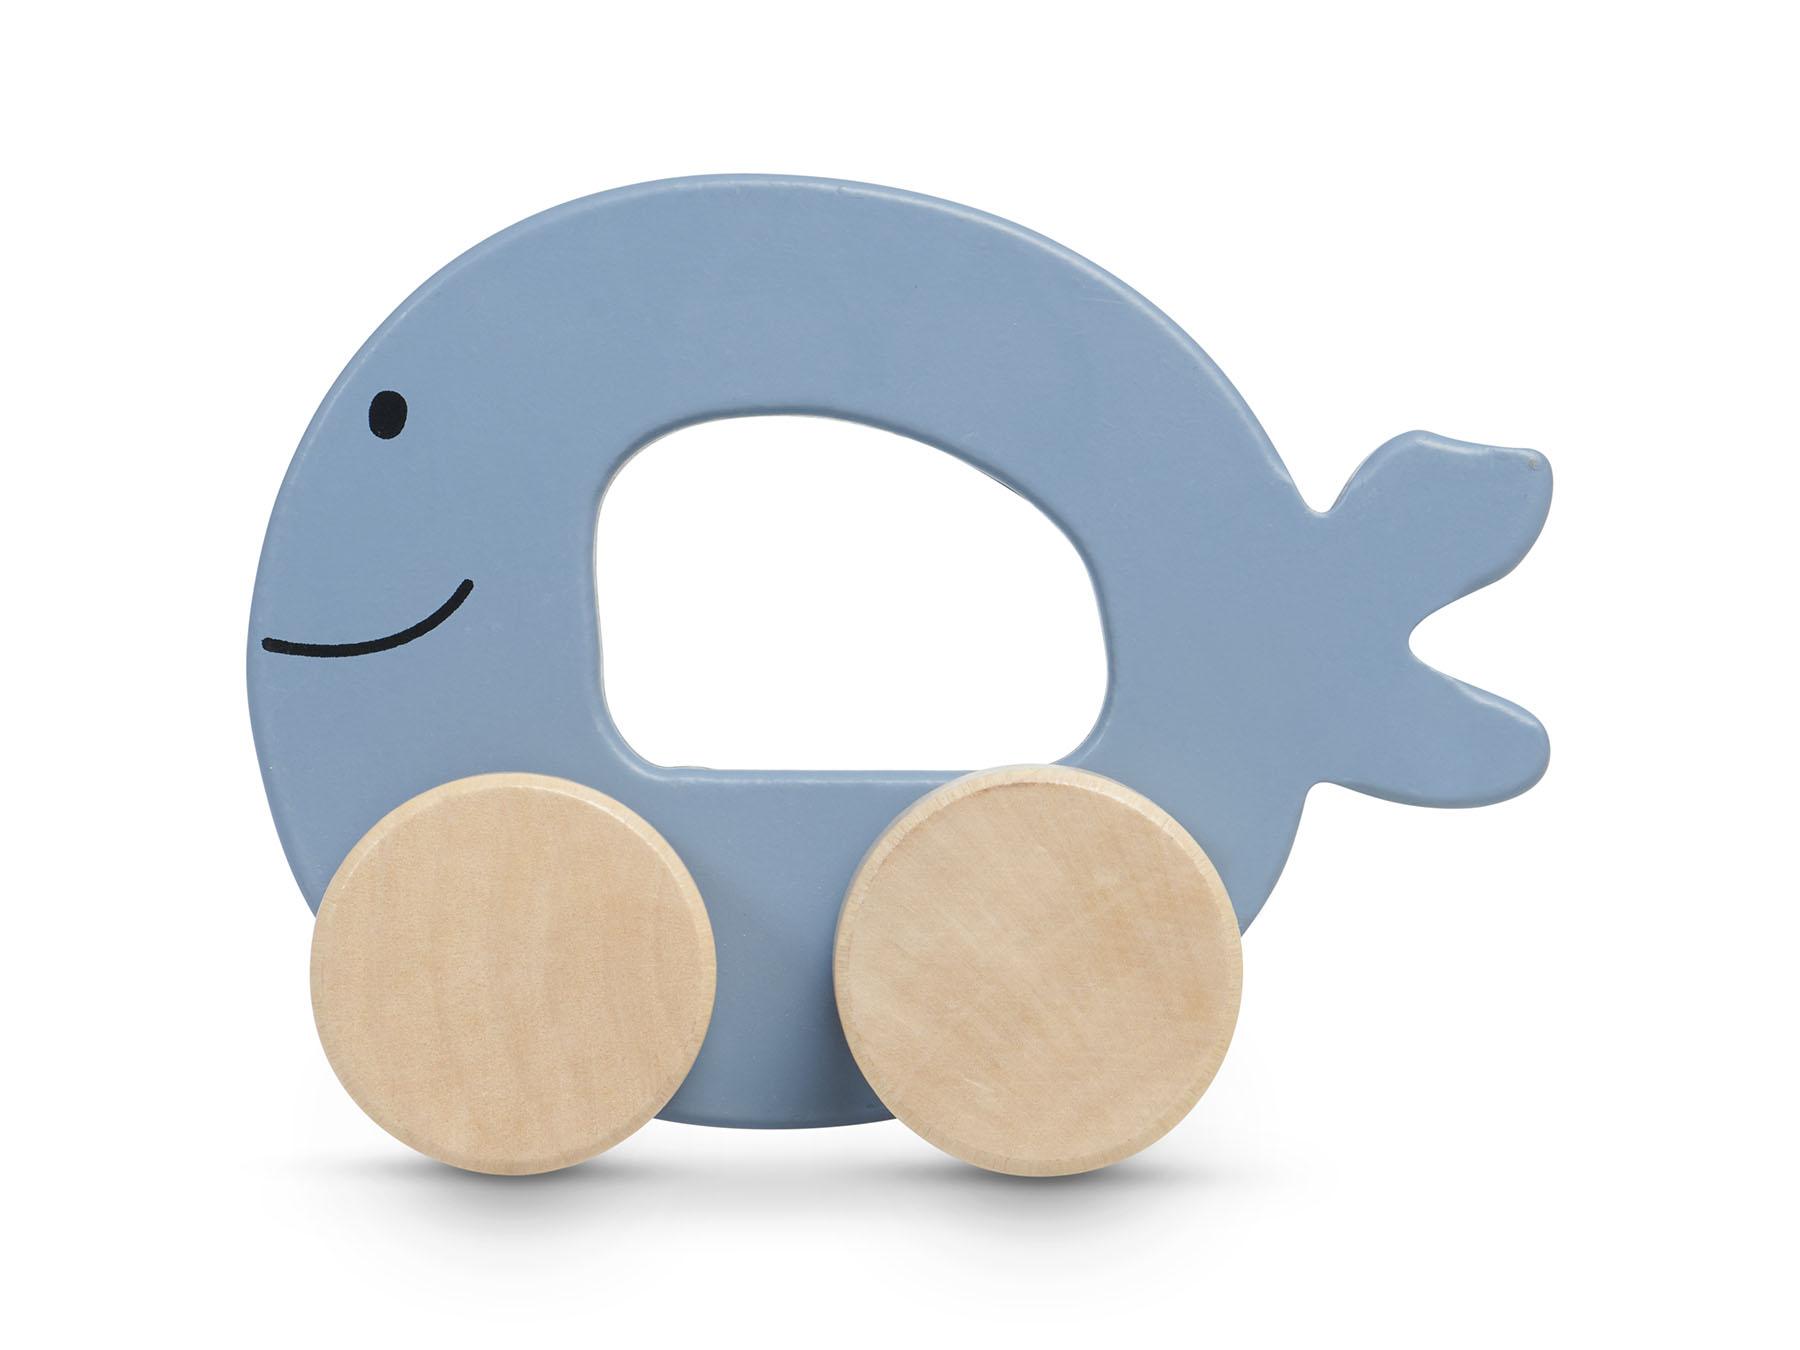 Afbeelding Jollein Houten speelgoedauto I Sea animal blue